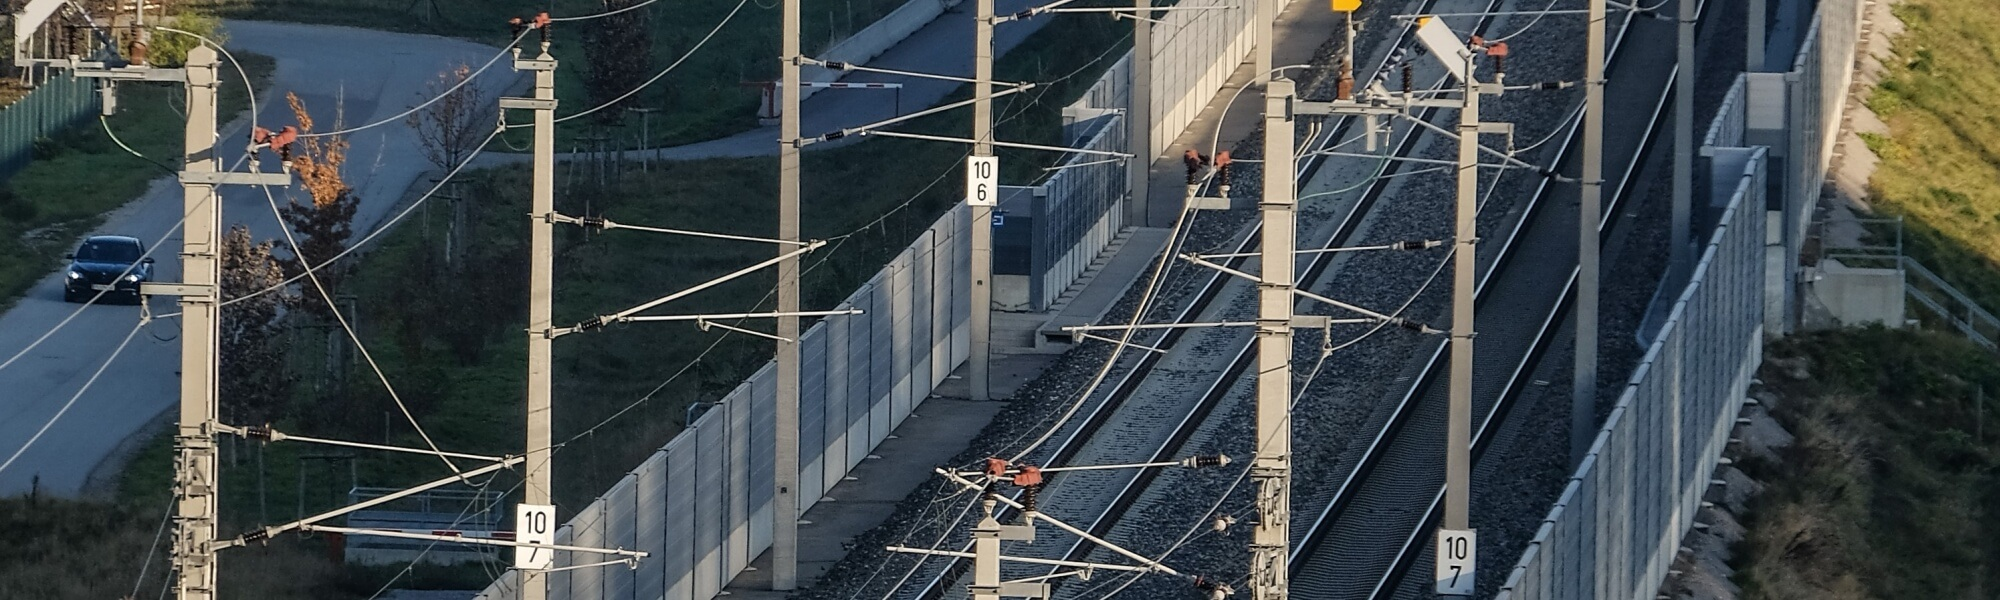 Neubau Bahntrasse Güterzugumfahrung St.Pölten